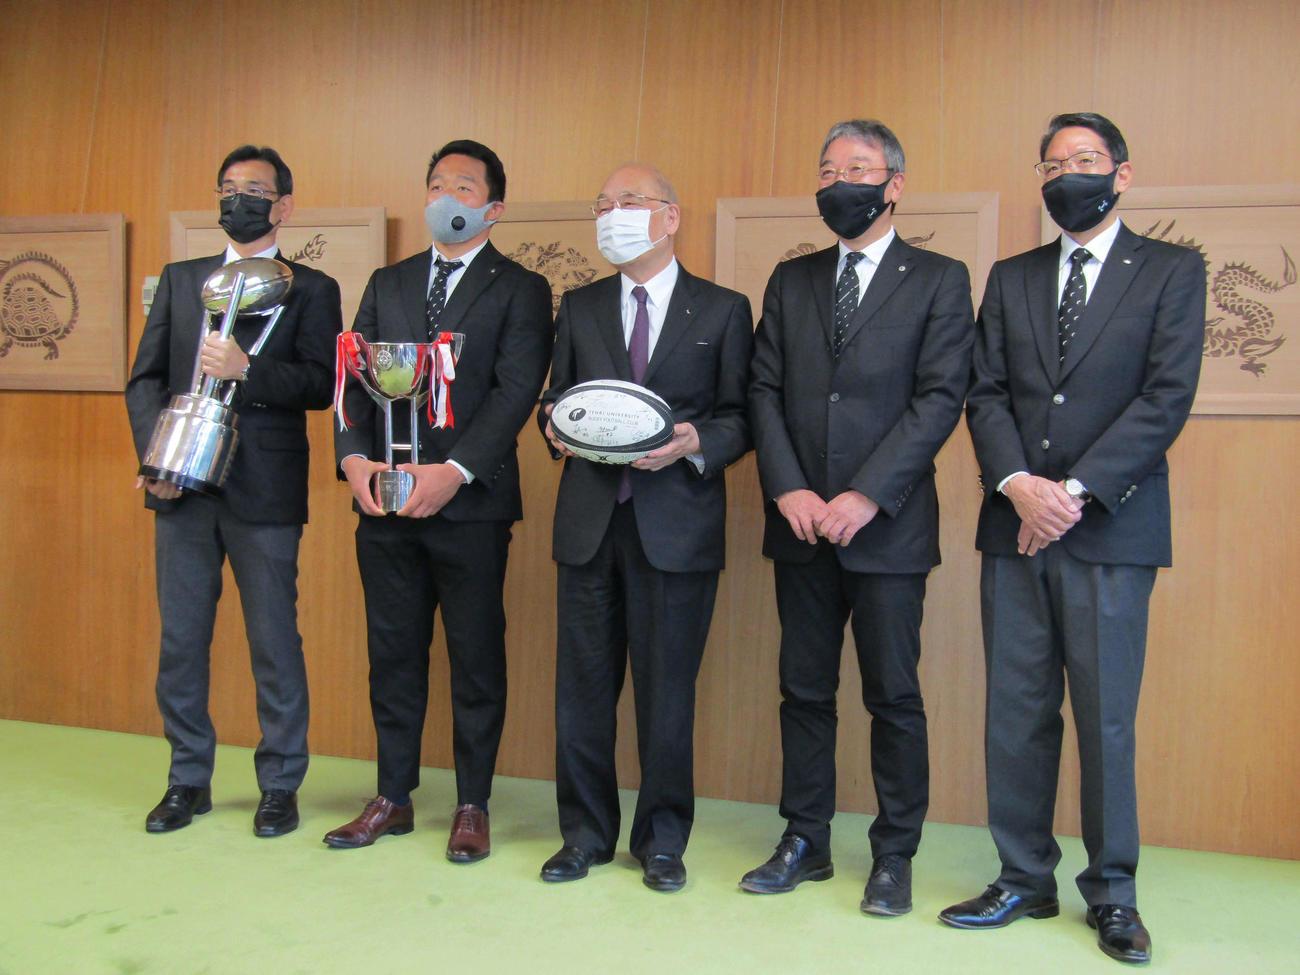 県庁を訪問し、荒井奈良県知事(中央)と記念撮影をする左から小松監督、松岡、1人おいて岡田副学長、森下部長